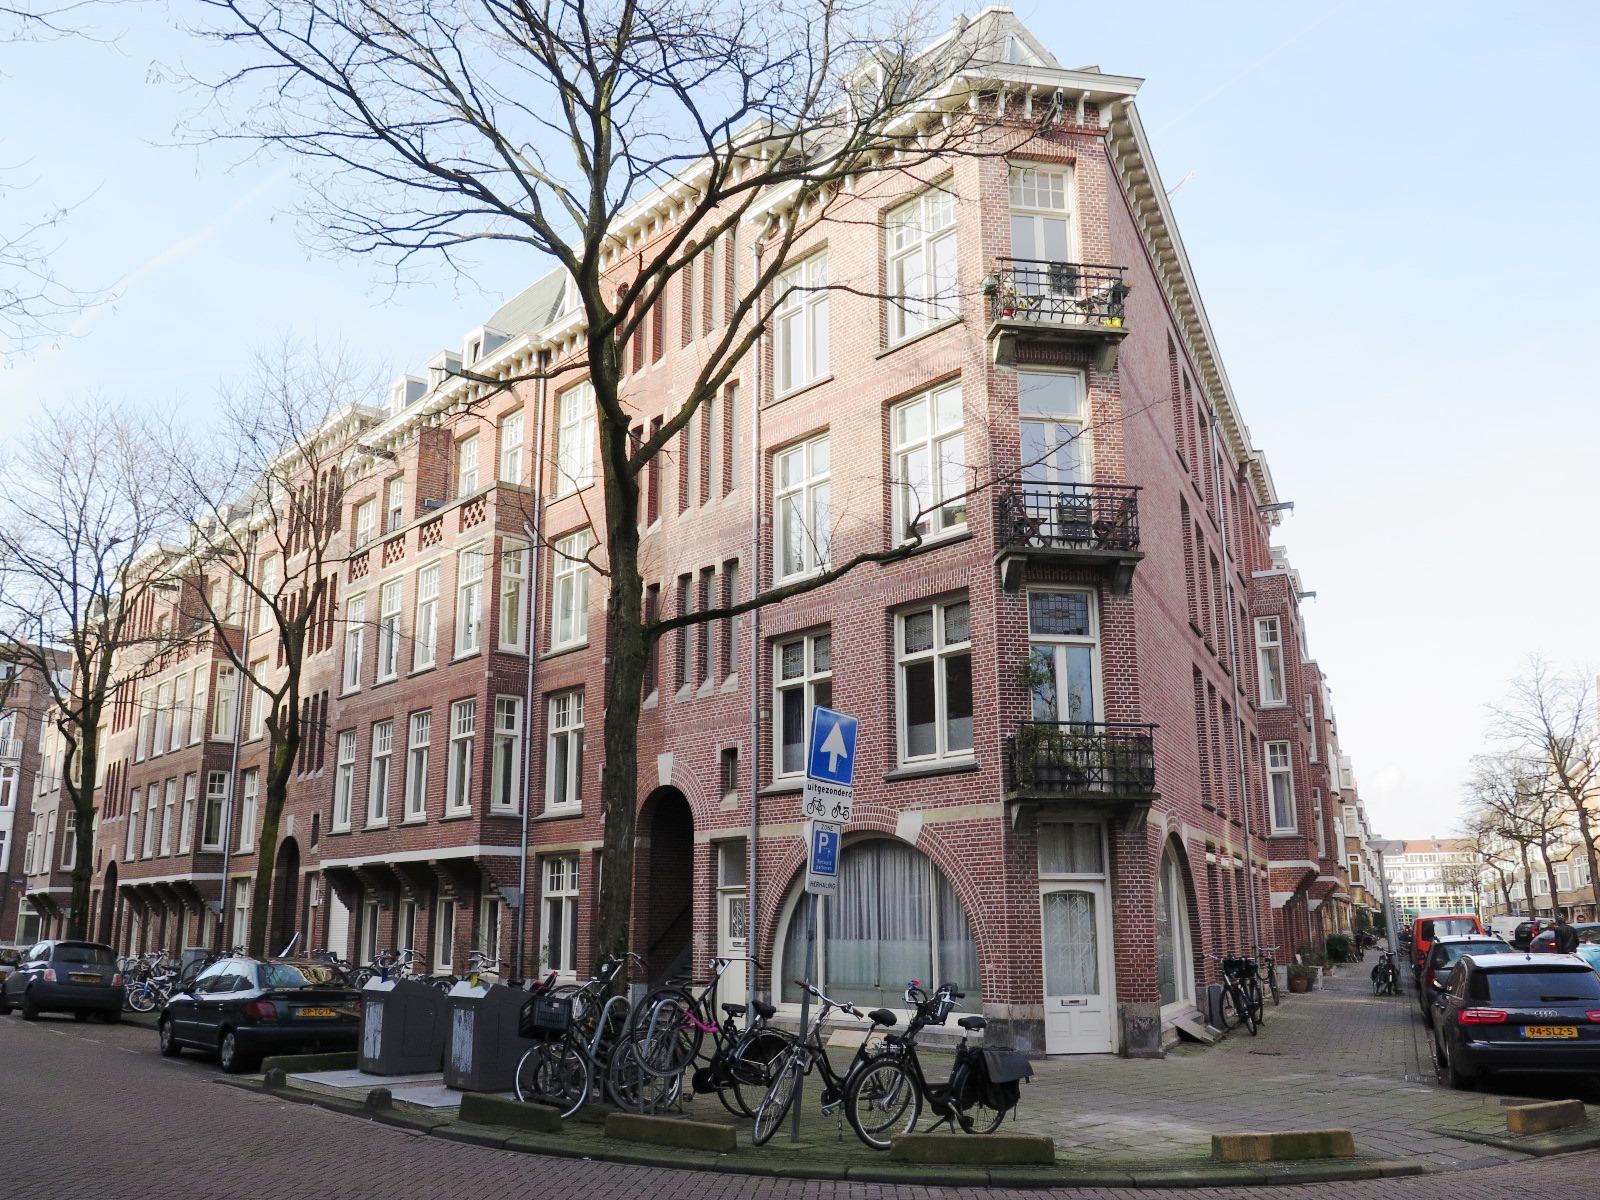 Maarten Harpertszoon Trompstraat, Amsterdam